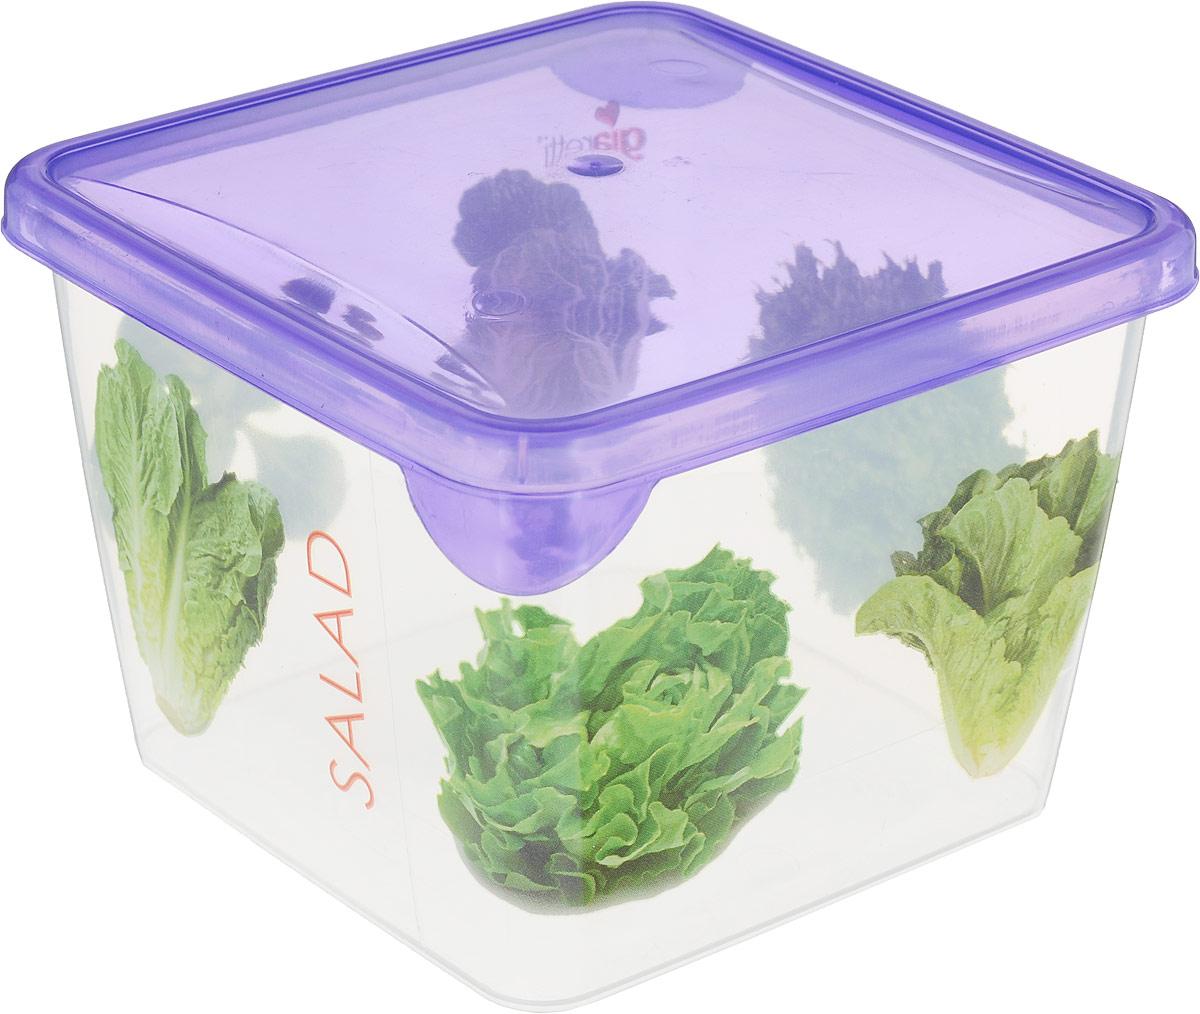 Емкость для продуктов Giaretti Браво, цвет: фиолетовый, прозрачный, 750 мл. GR1065GR1065_фиолетовыйЕмкость для продуктов Giaretti Браво изготовлена из пищевого полипропилена. Крышкаплотно закрывается, дольше сохраняя продукты свежими. Боковые стенки прозрачные, чтопозволяет видеть содержимое.Емкость идеально подходит для хранения пищи, фруктов,ягод, овощей.Такая емкость пригодится в любом хозяйстве.